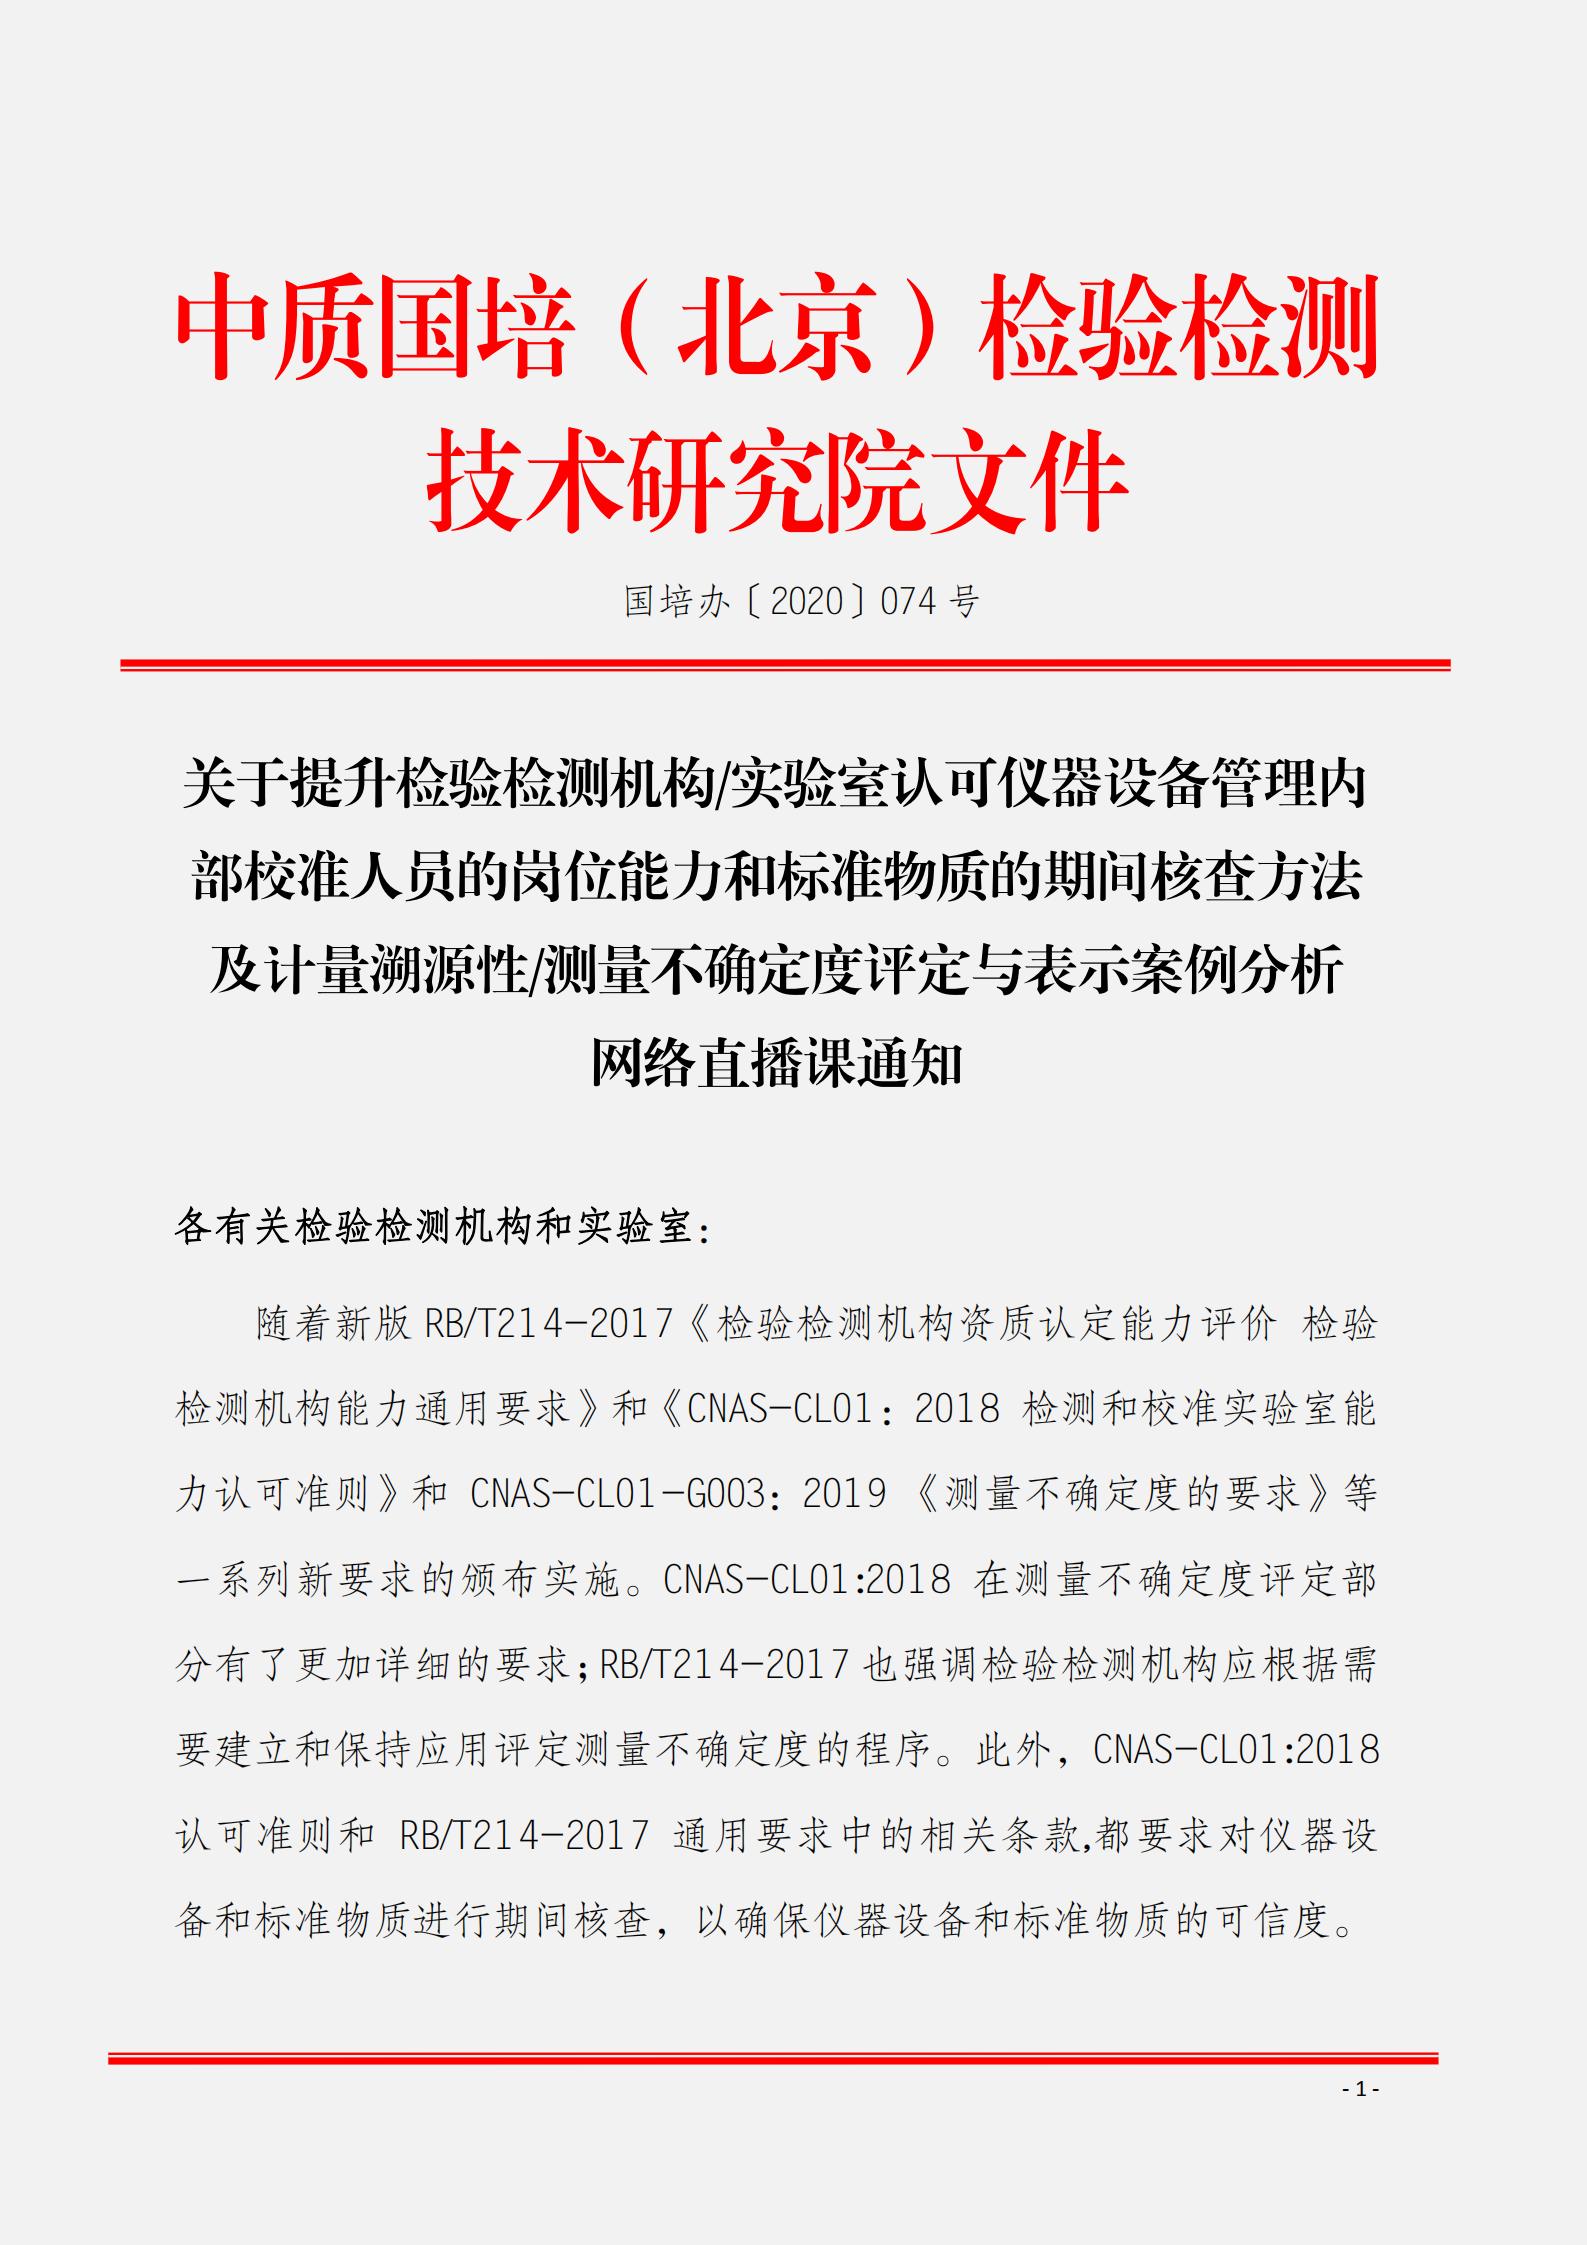 2.10月举办内部校准人员及计量溯源性测量不确定度评定与表示文件_00.png